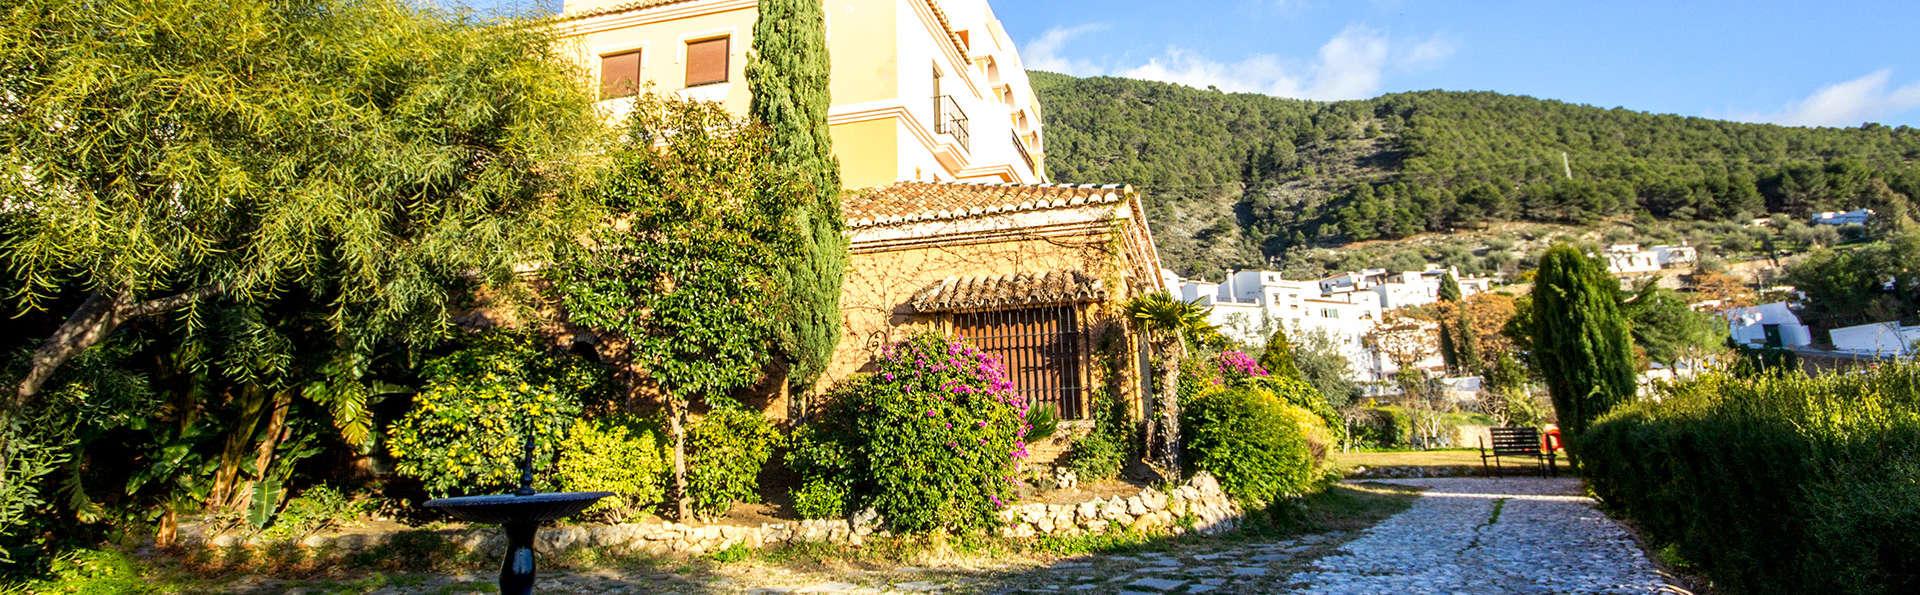 Hotel Rural Sierra Tejeda - EDIT_front3.jpg